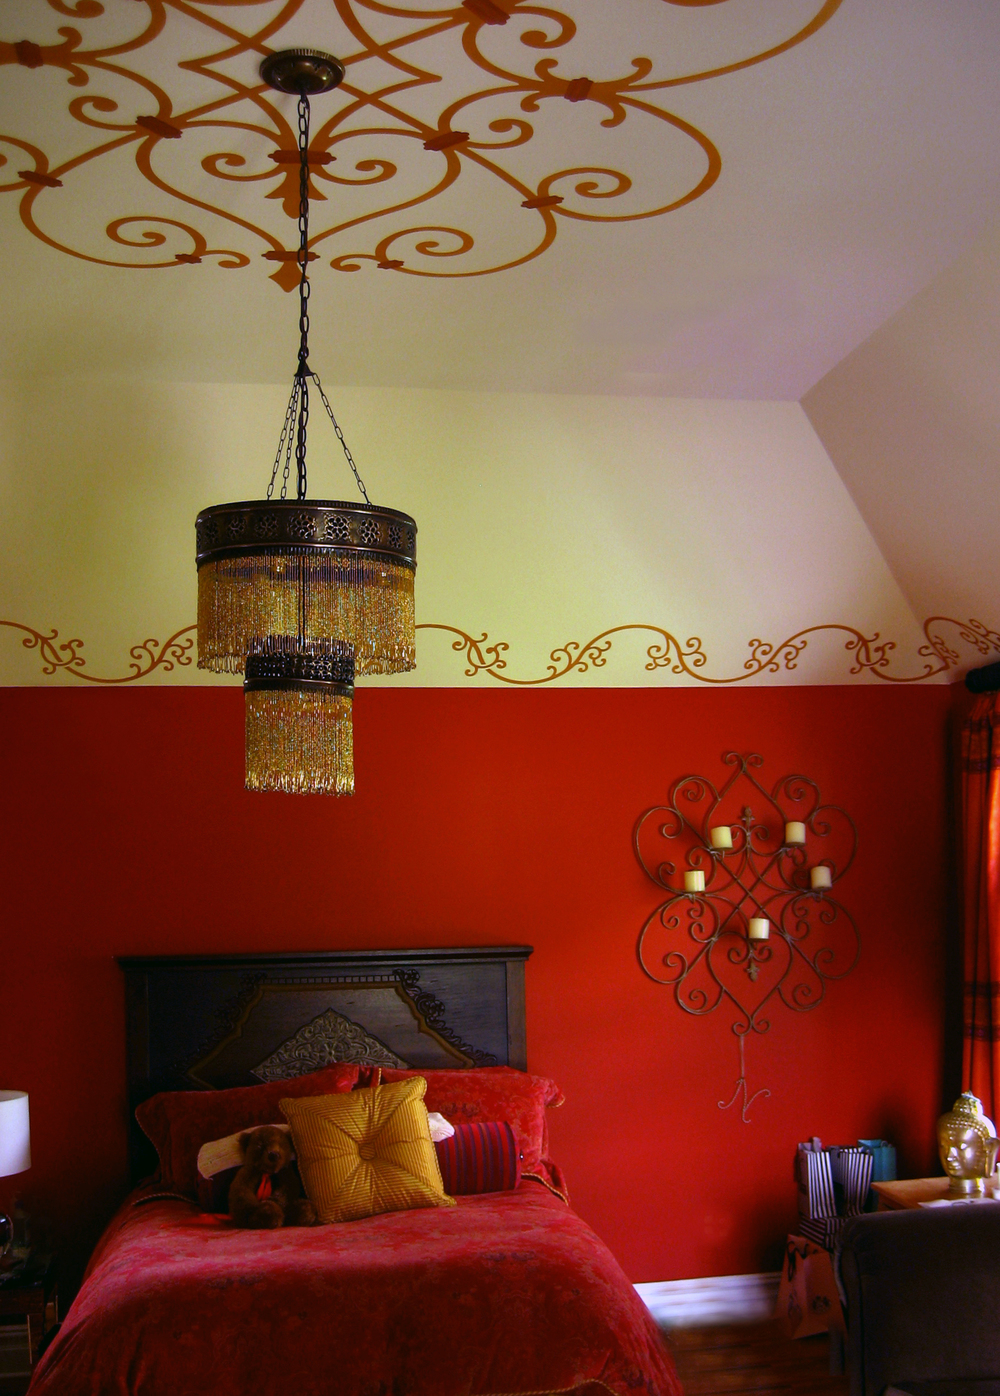 Bedroom details